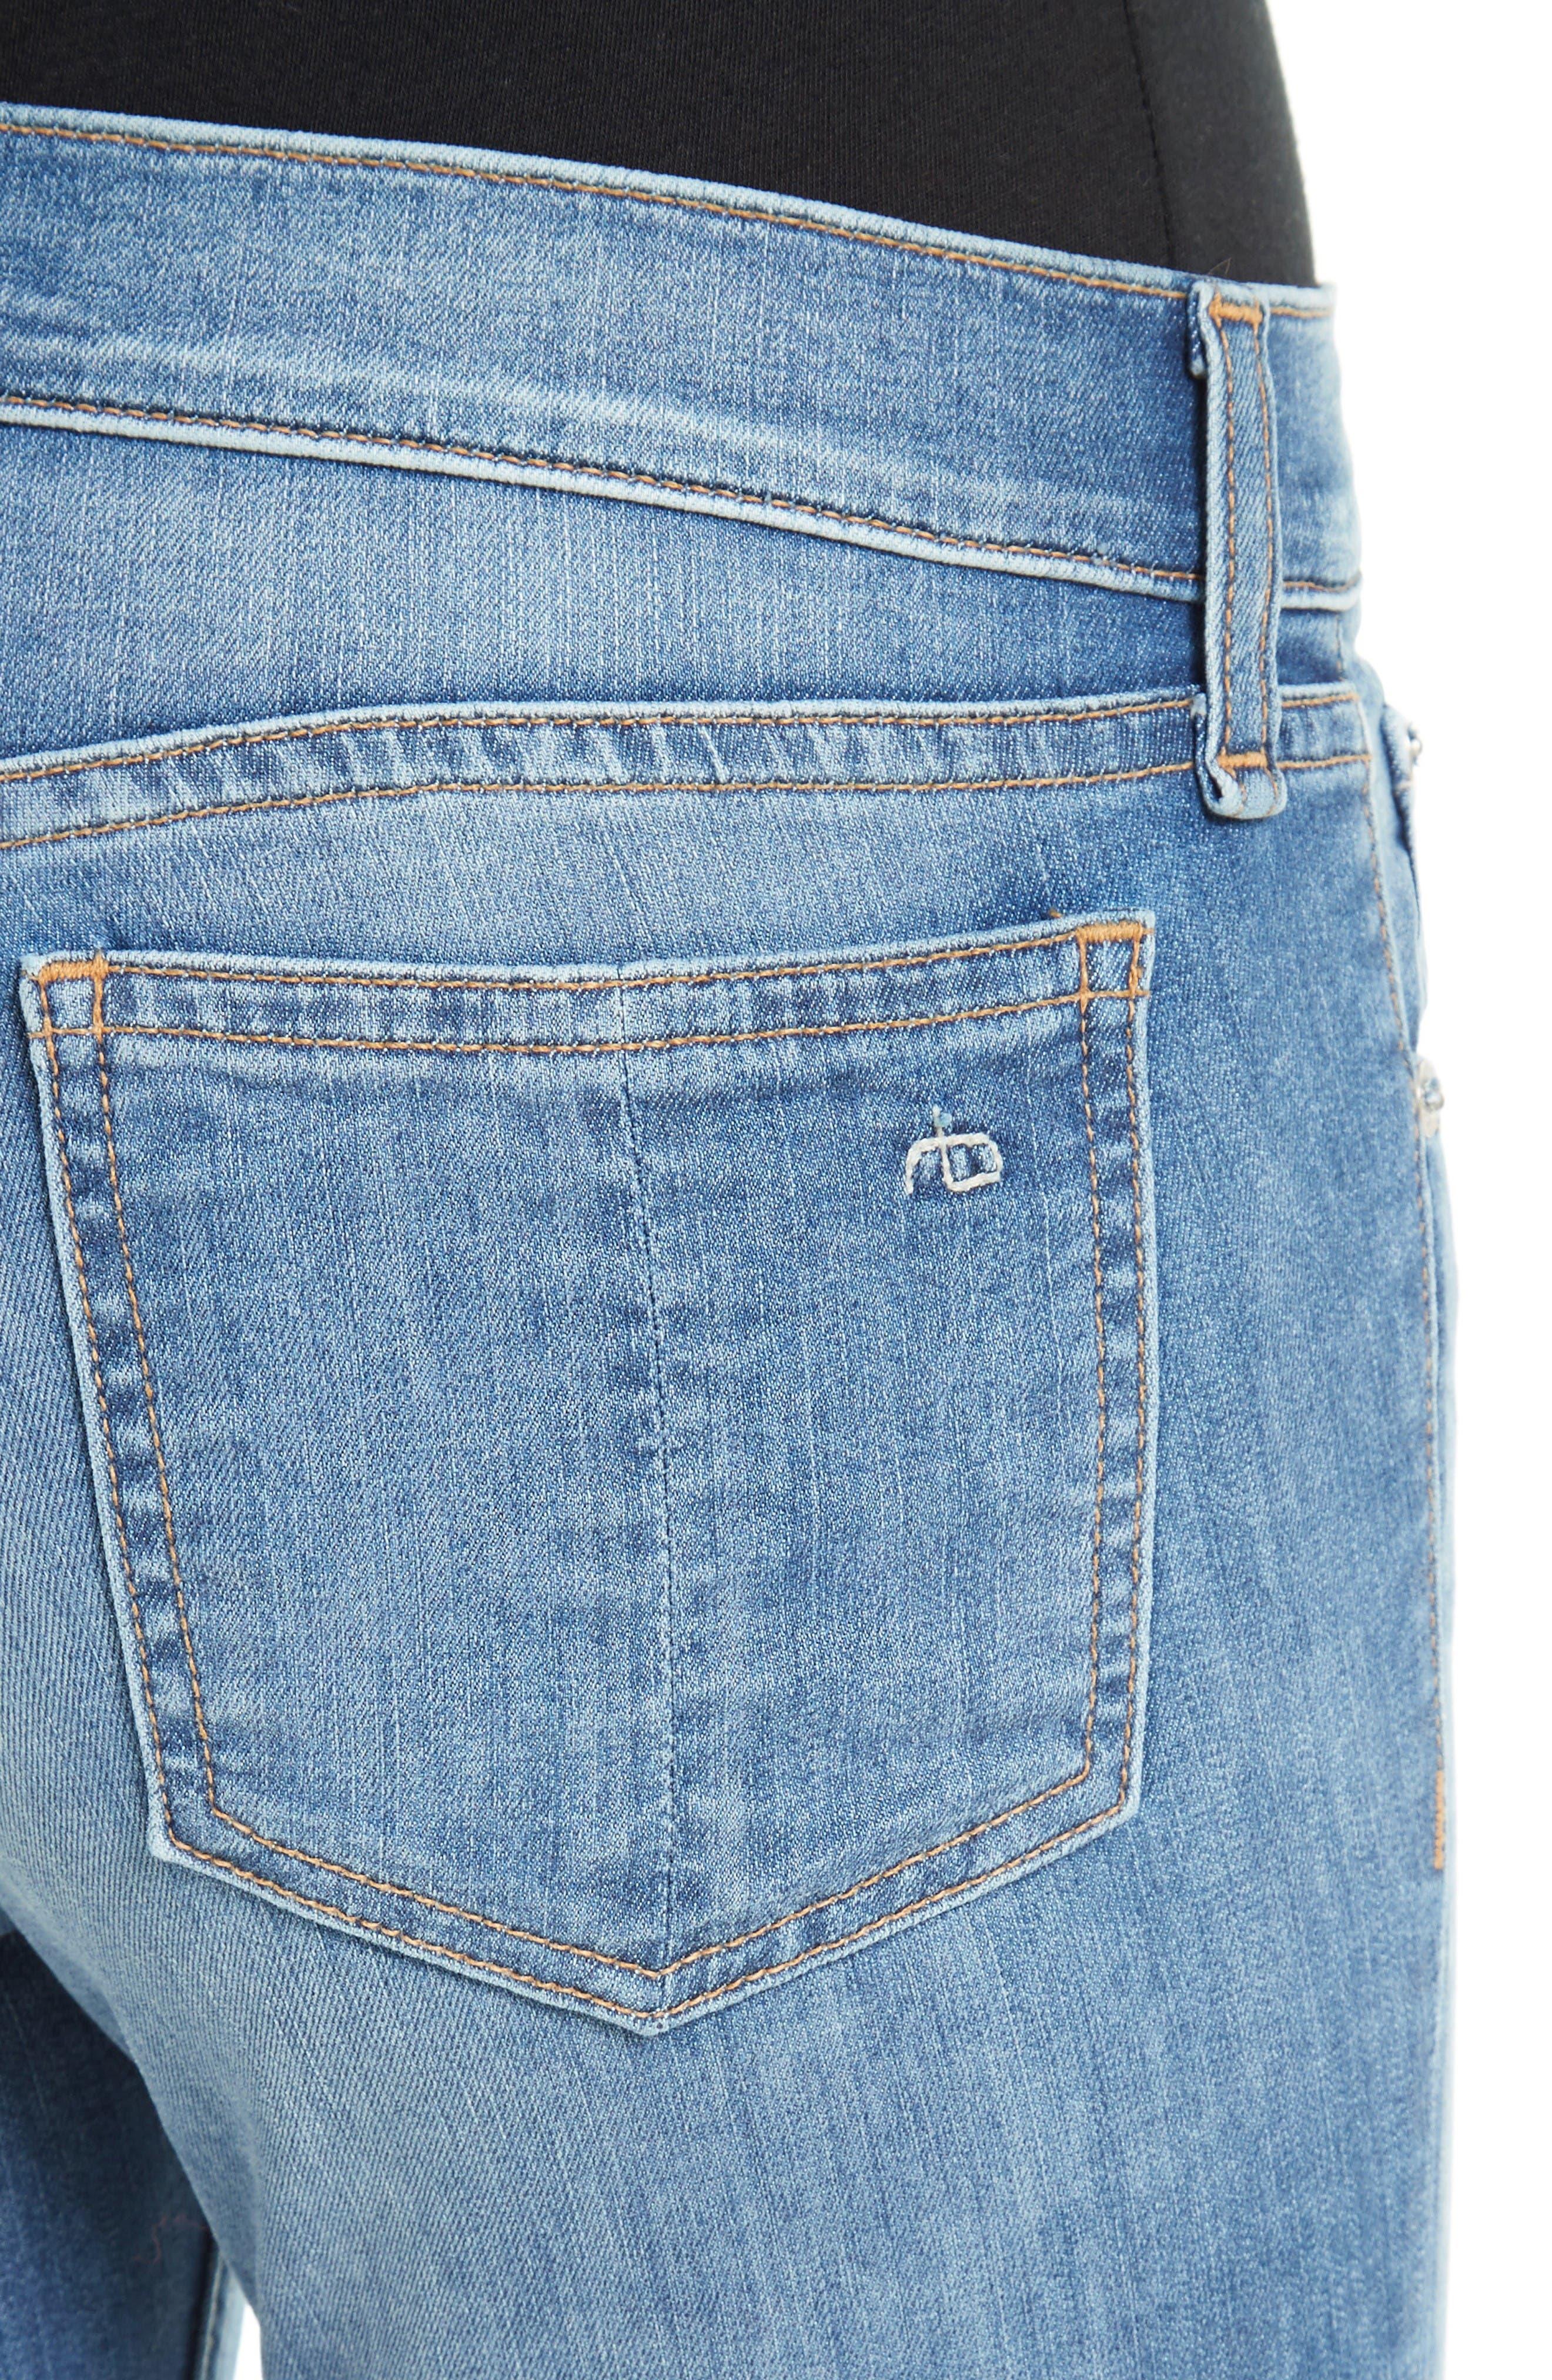 Alternate Image 4  - rag & bone/JEAN Capri Skinny Jeans (Clean Lilly Dale)